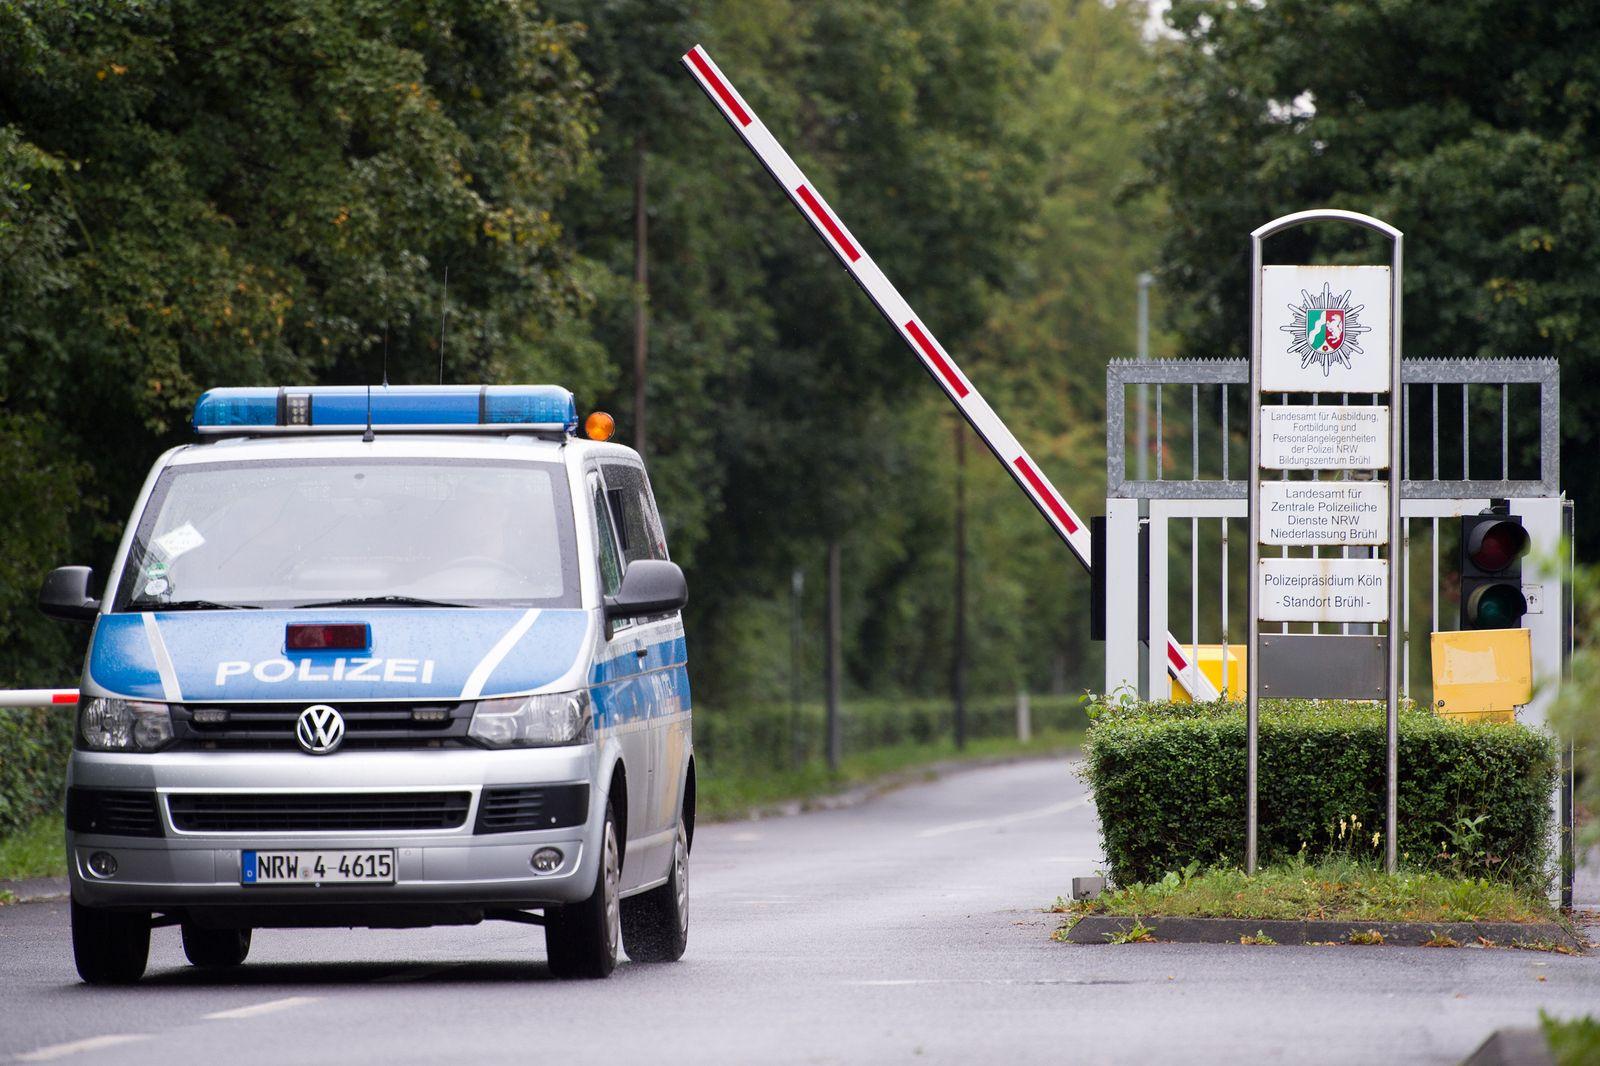 Randale-Vorwürfe gegen SEK-Beamte